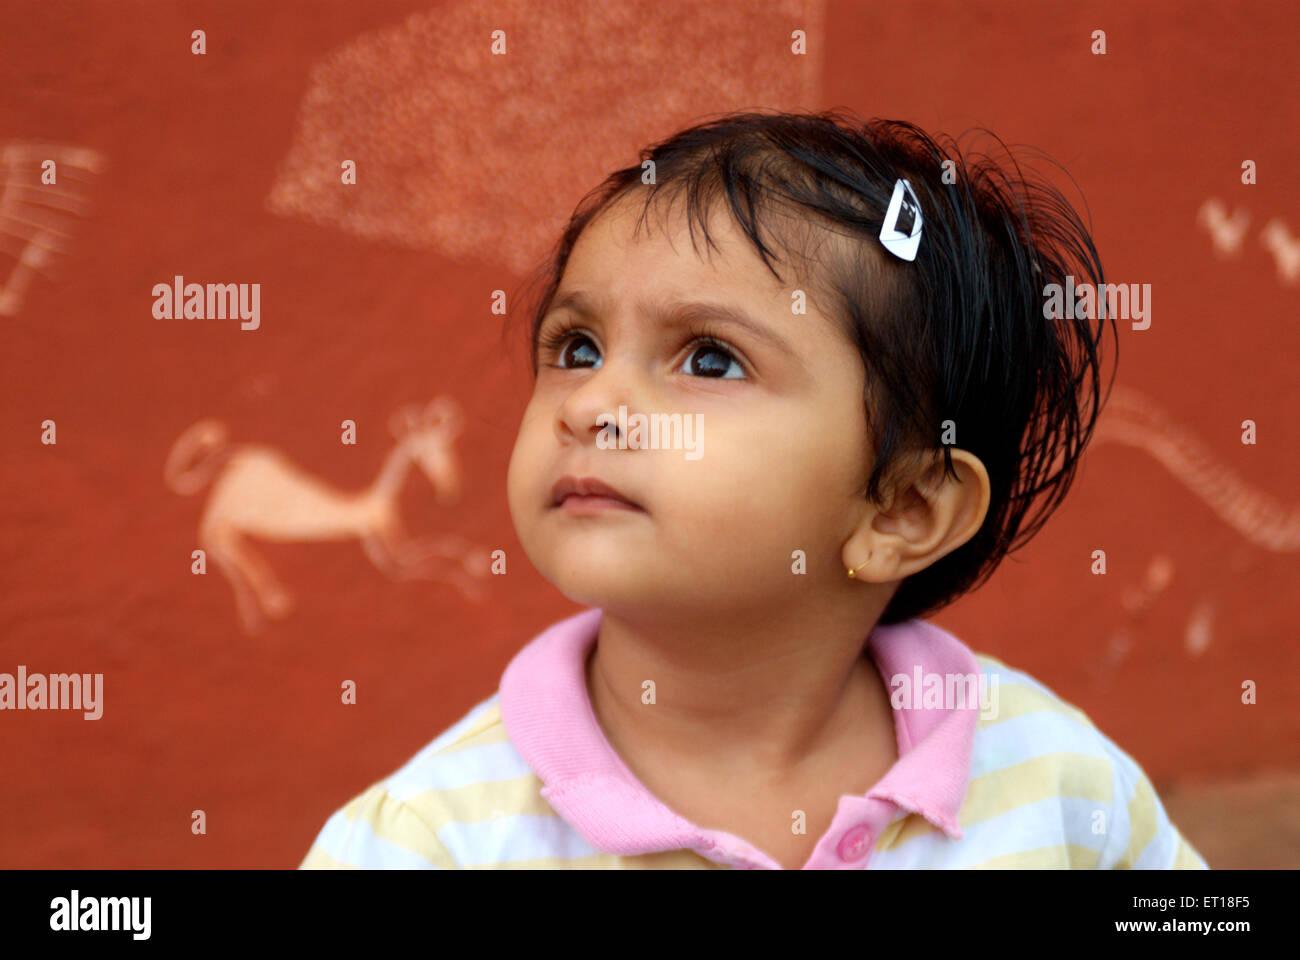 Baby cercando legati i capelli con clip signor#364 Foto Stock